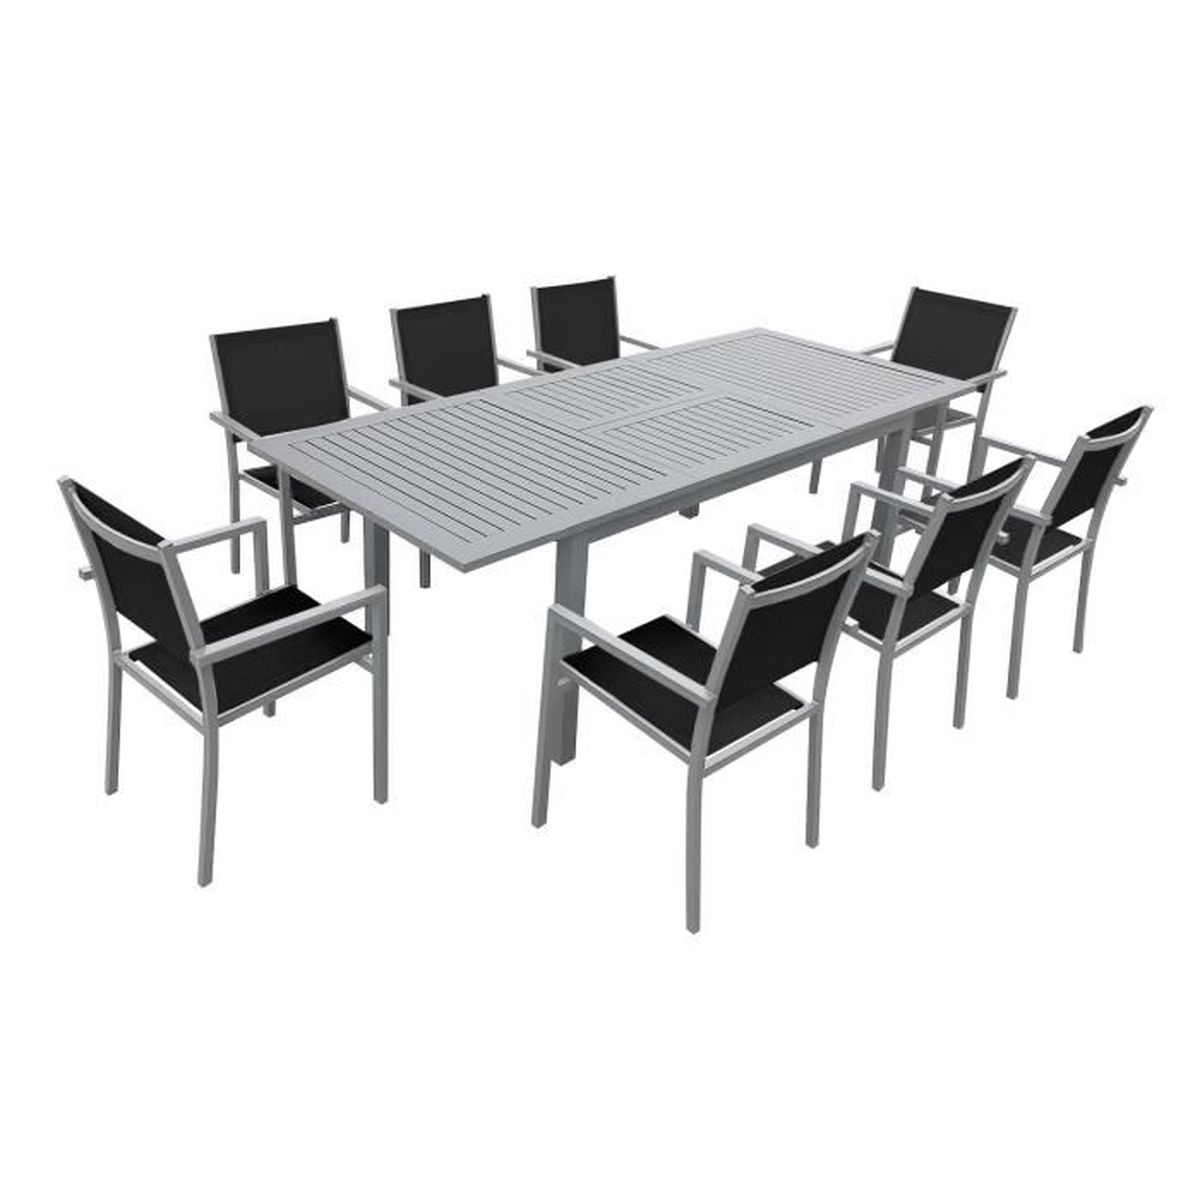 Salon de jardin capri extensible en textil ne noir 8 places aluminium gris - Salon de jardin a prix discount ...